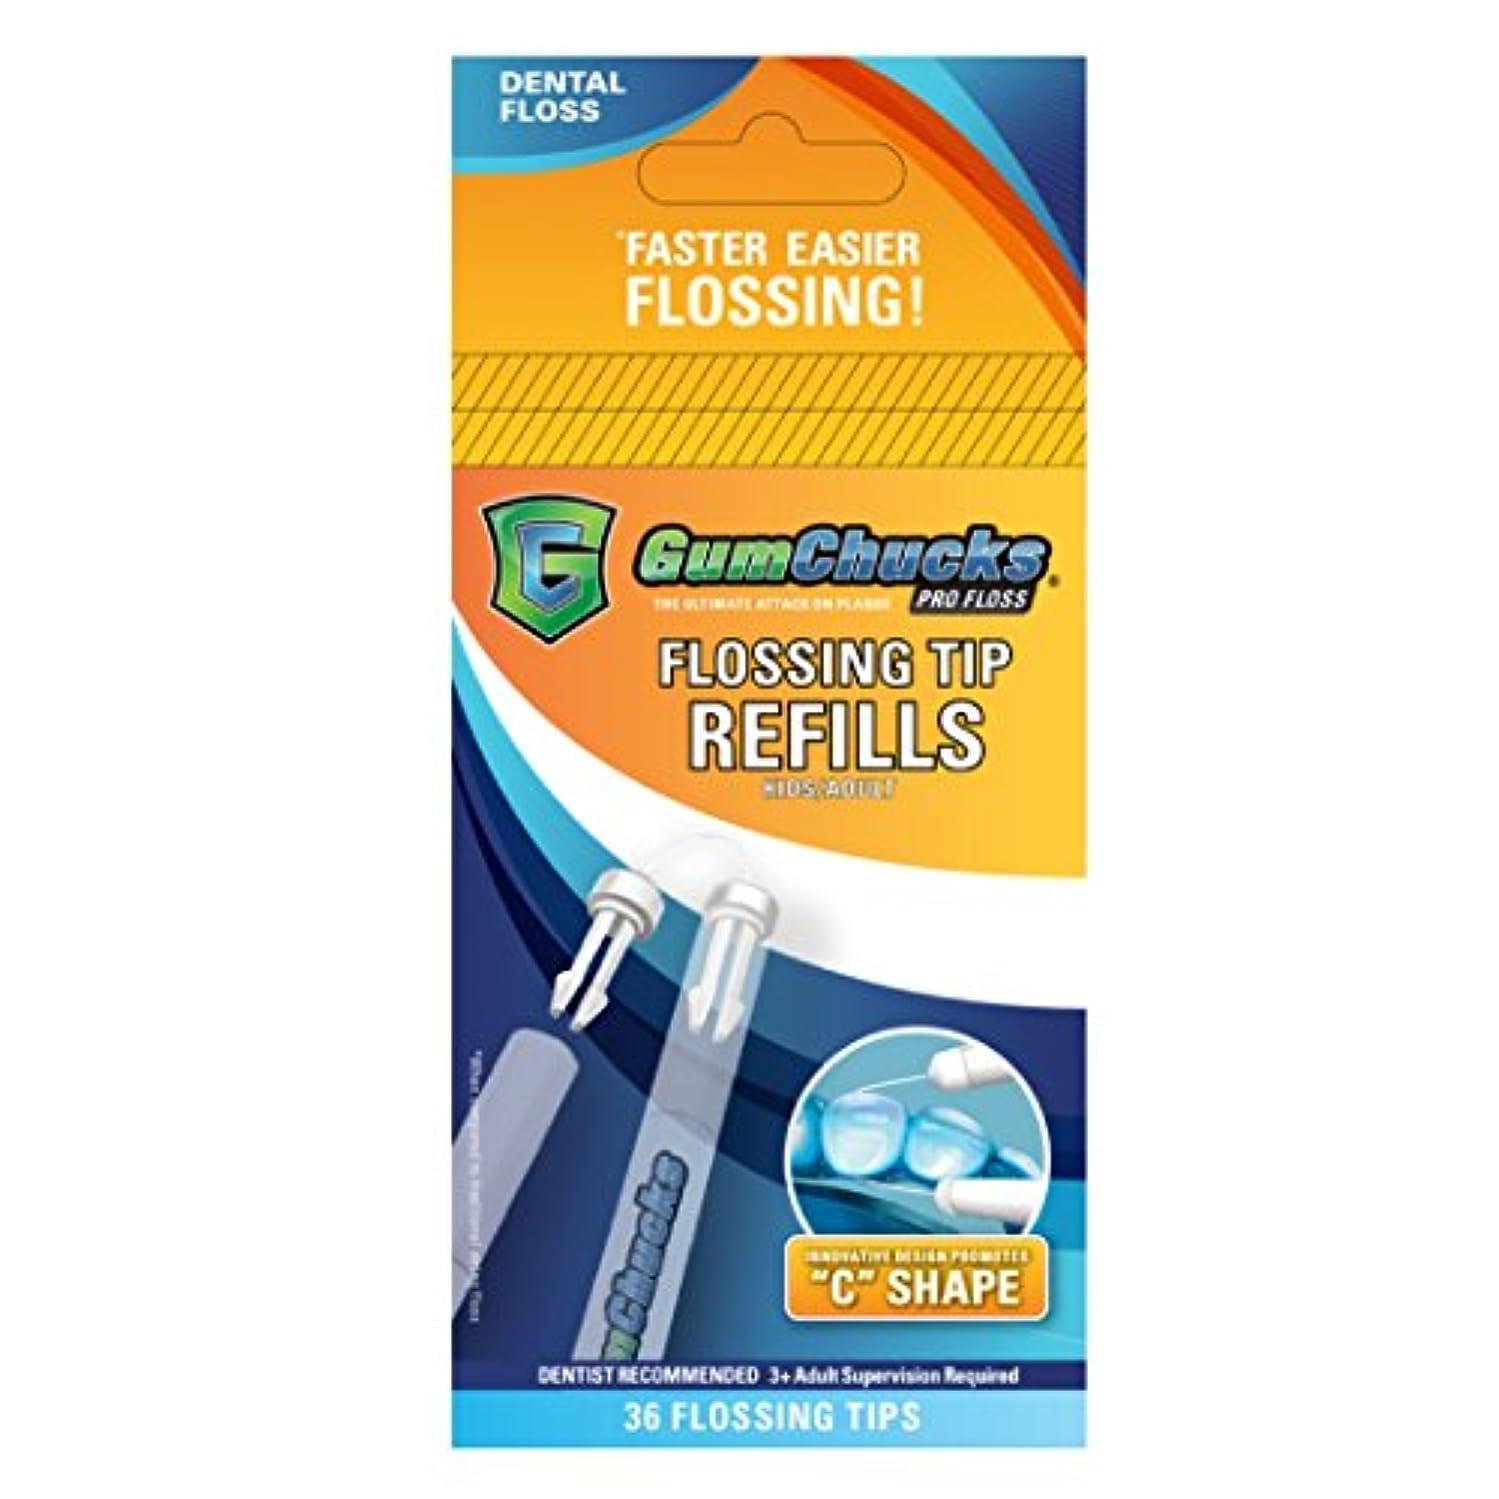 マウンド貢献する取り替えるクロスフィールド ガムチャックス リフィルパック 36本入 × 1個 フロス/歯間清掃